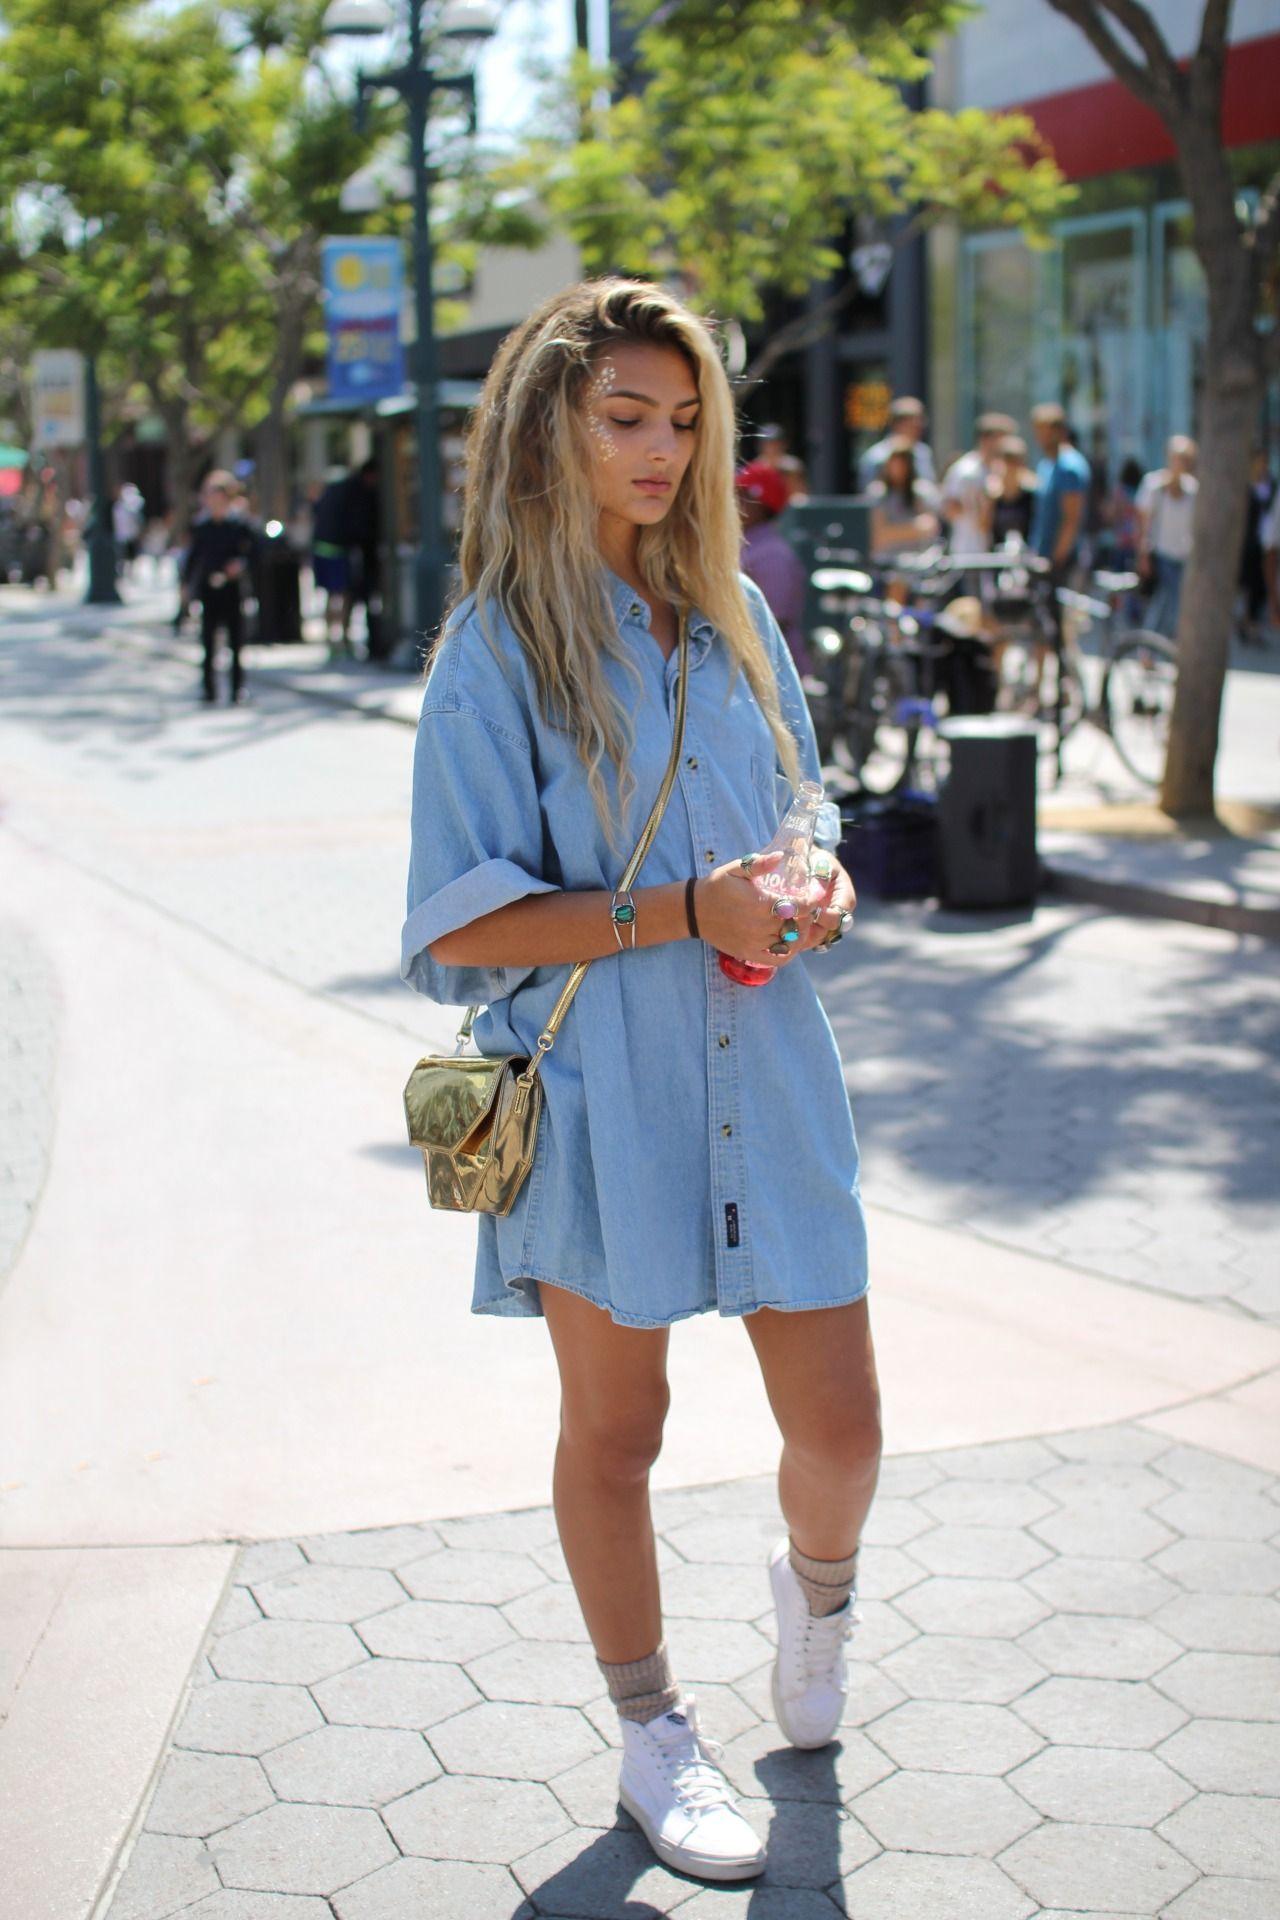 Chemise Jean Longue destiné robe façon chemise en jean longue qui est porter comme dans les